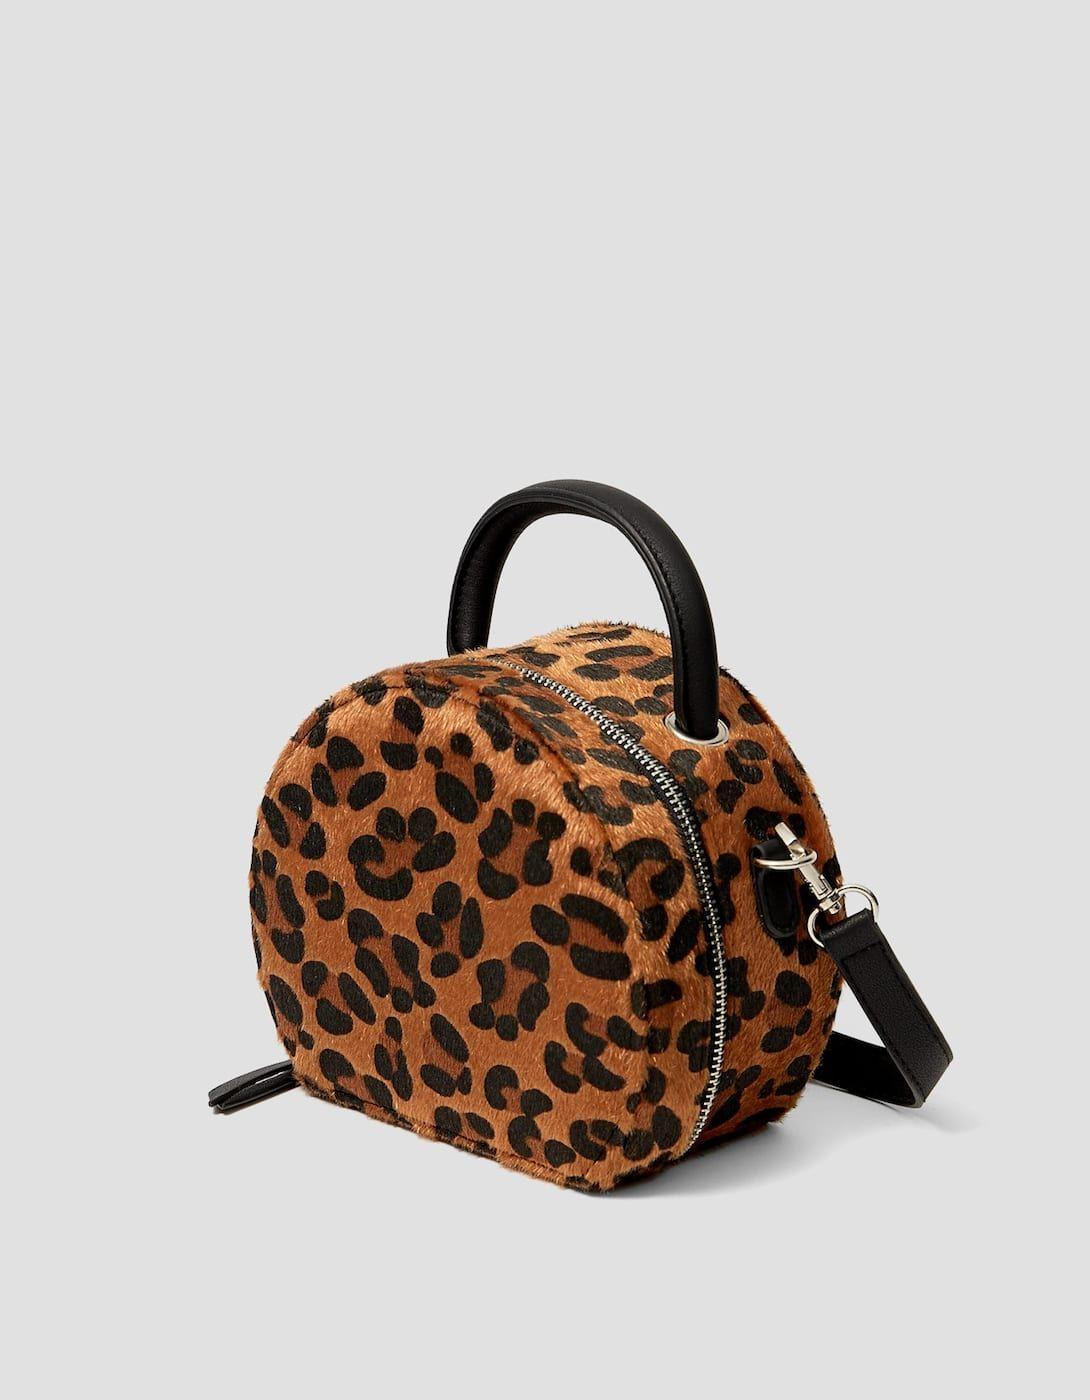 8464eda43 Bandolera caja leopardo | Chic | Bolso mochila, Stradivarius, Bolsos